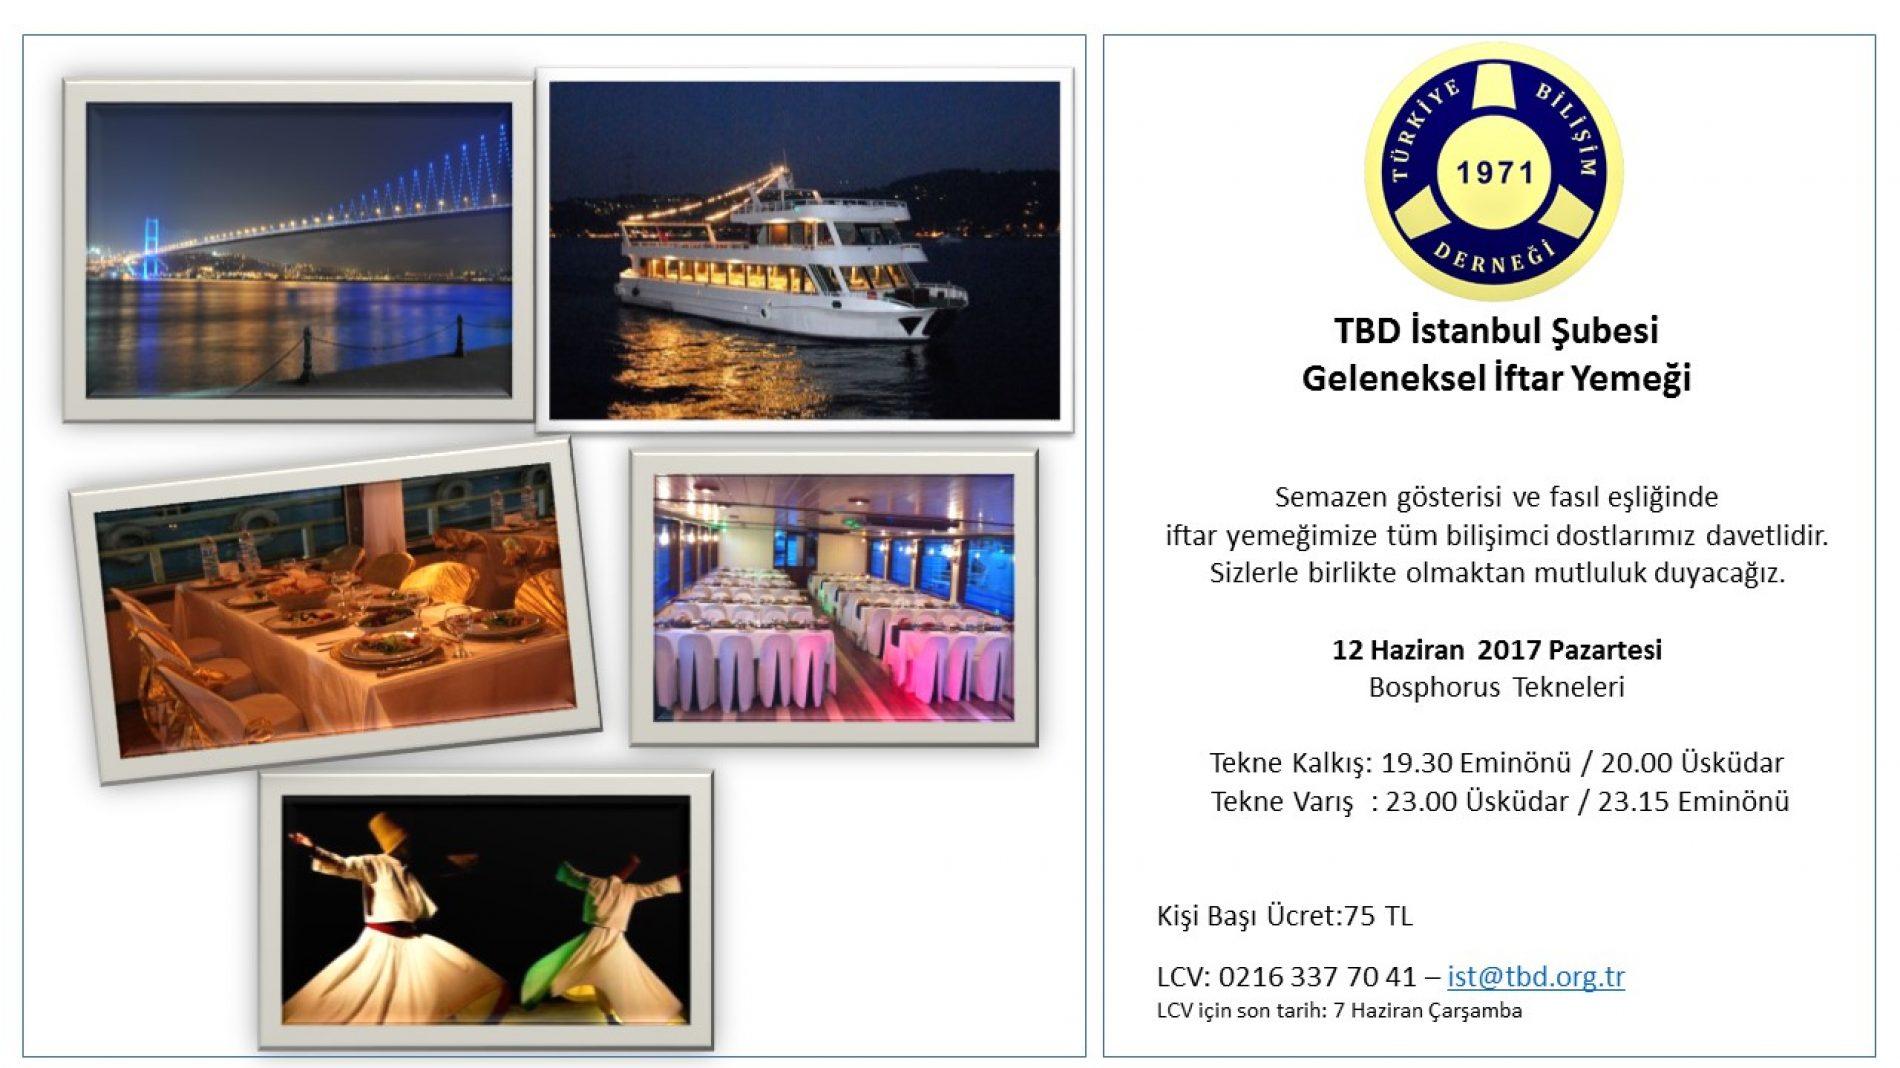 TBD İstanbul Şubesi Geleneksel İftar Yemeği